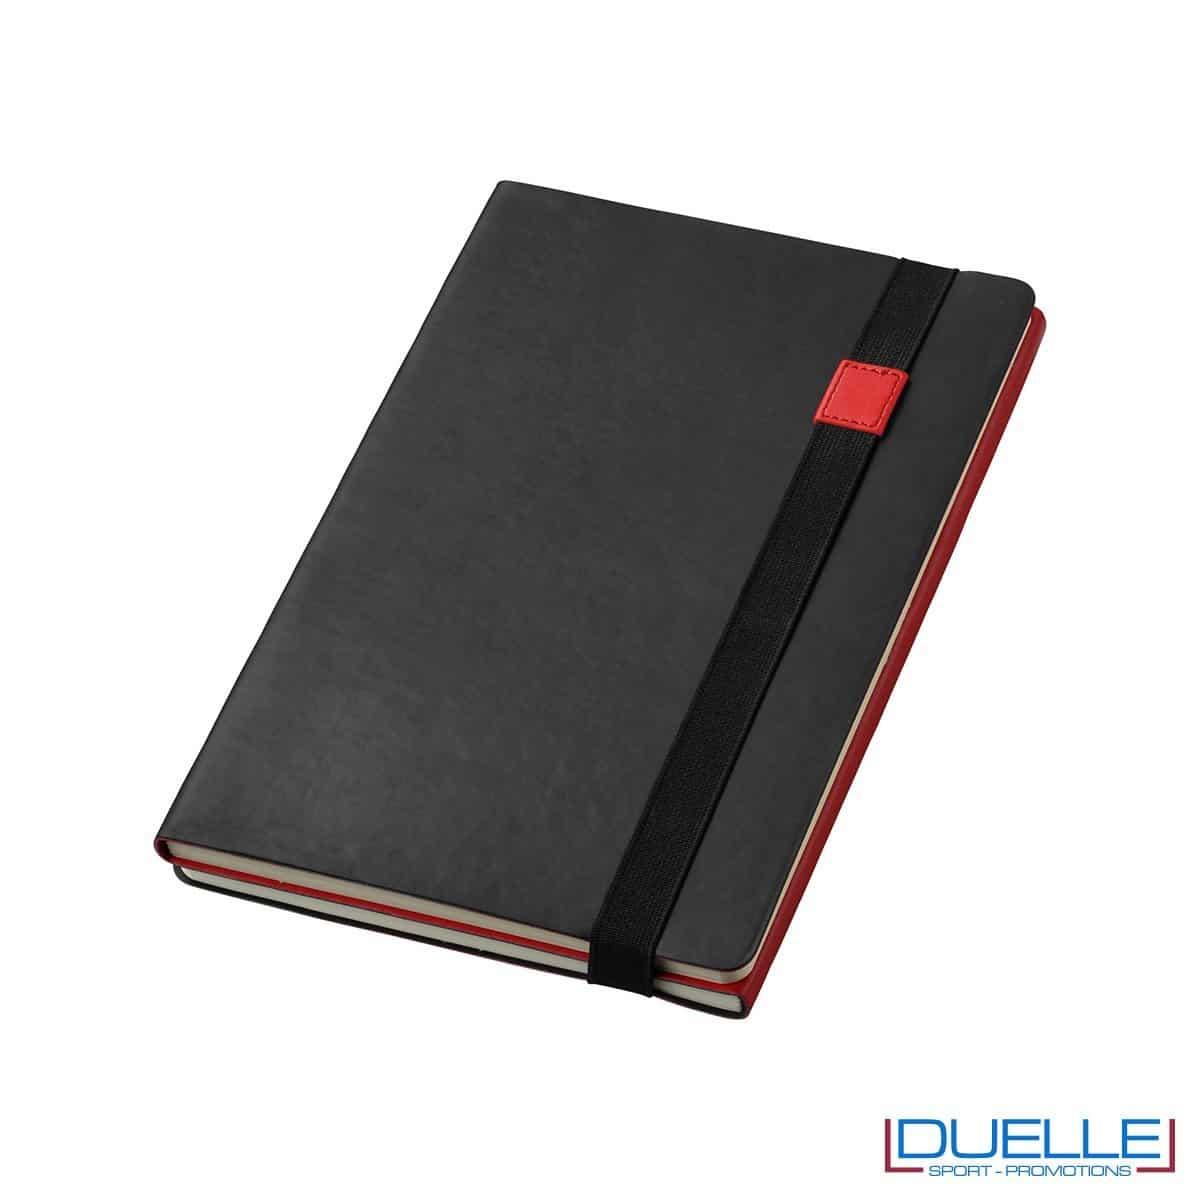 blocco per appunti personalizzato 2 in 1 colore rosso e nero, blocchi per appunti personalizzabili 2 in 1